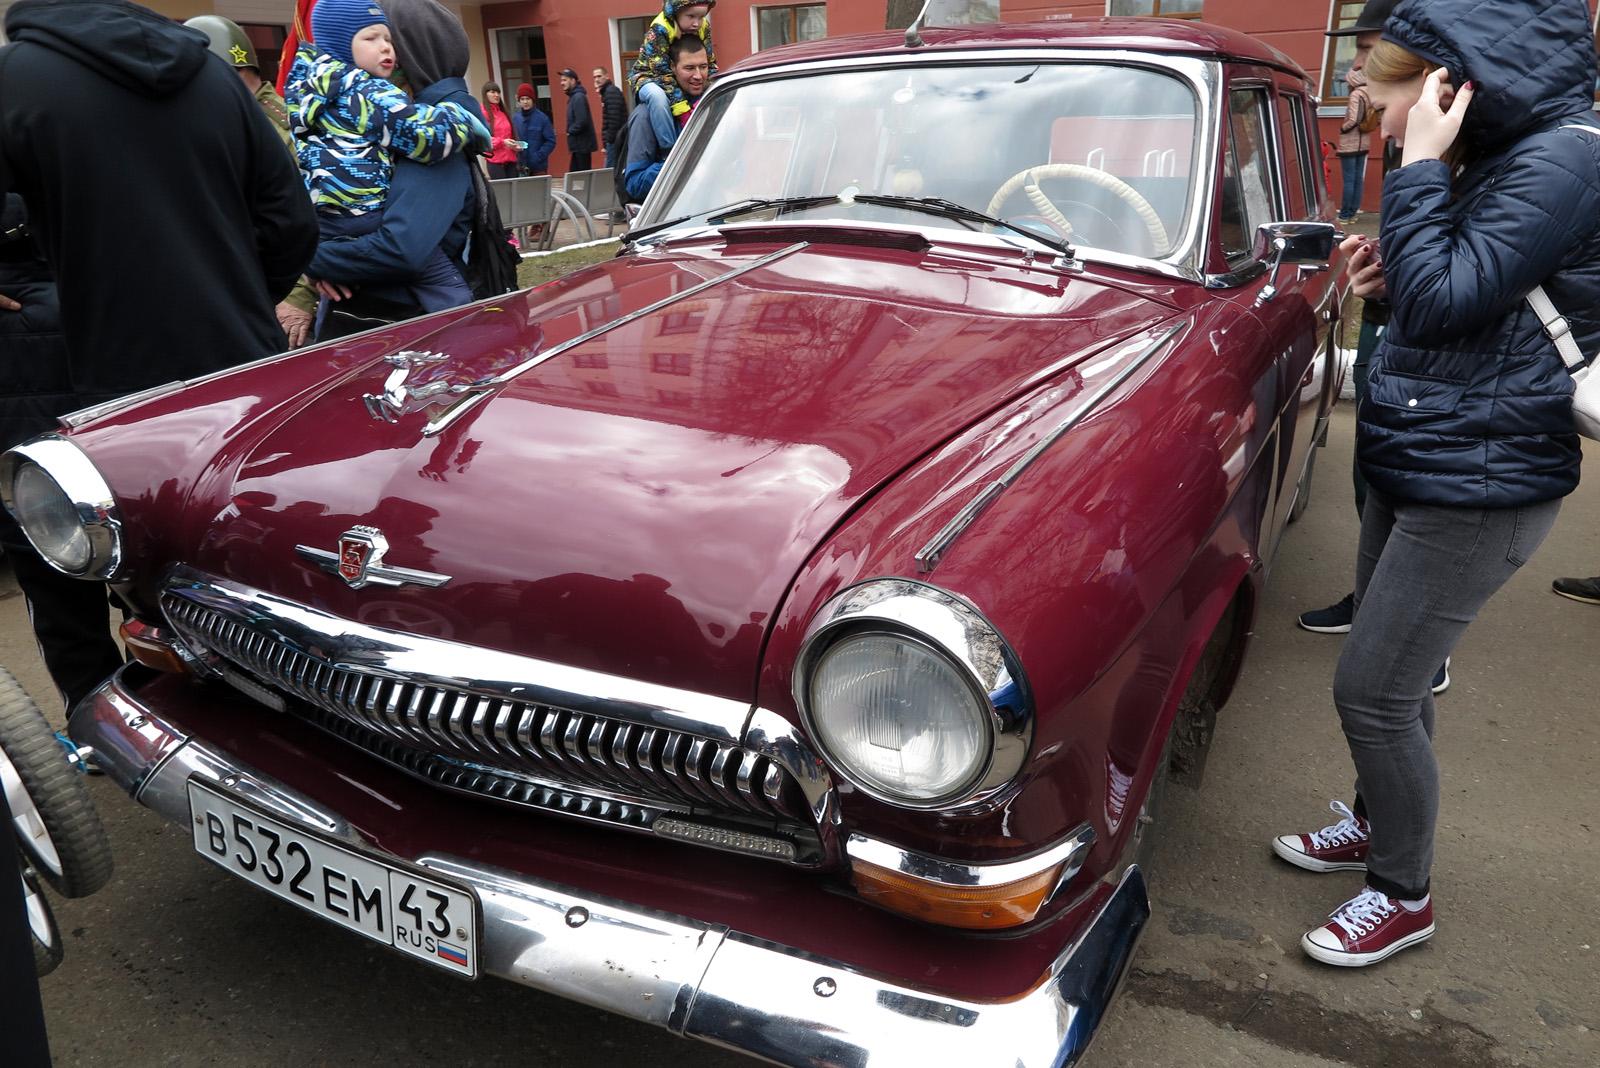 2009  ГАЗ-22 №в532ем.JPG